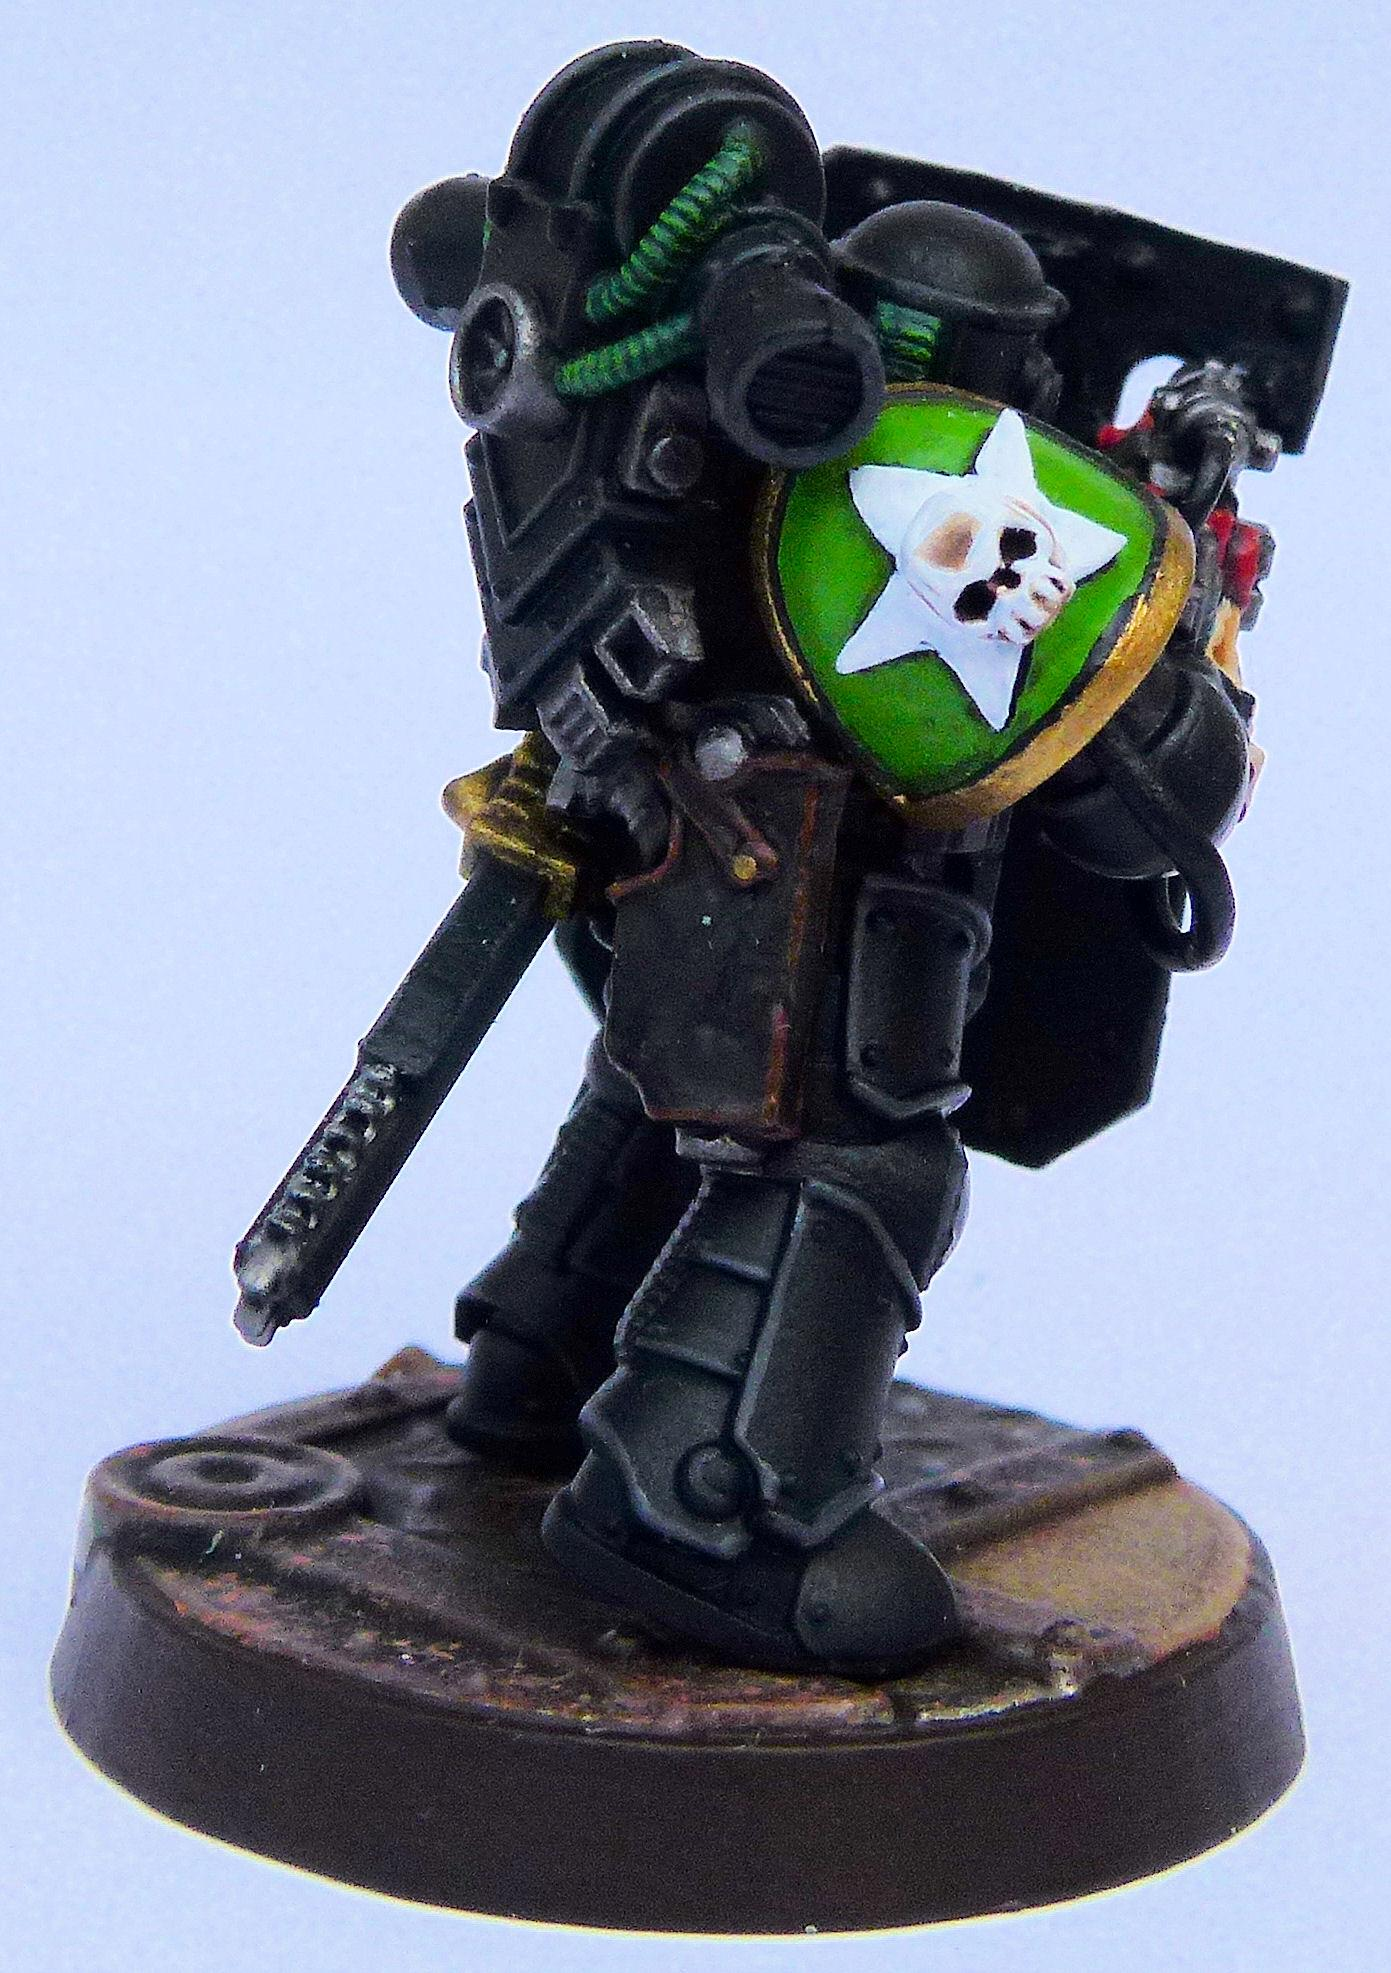 Invaders Deathwatch Veteran Chapter Badge